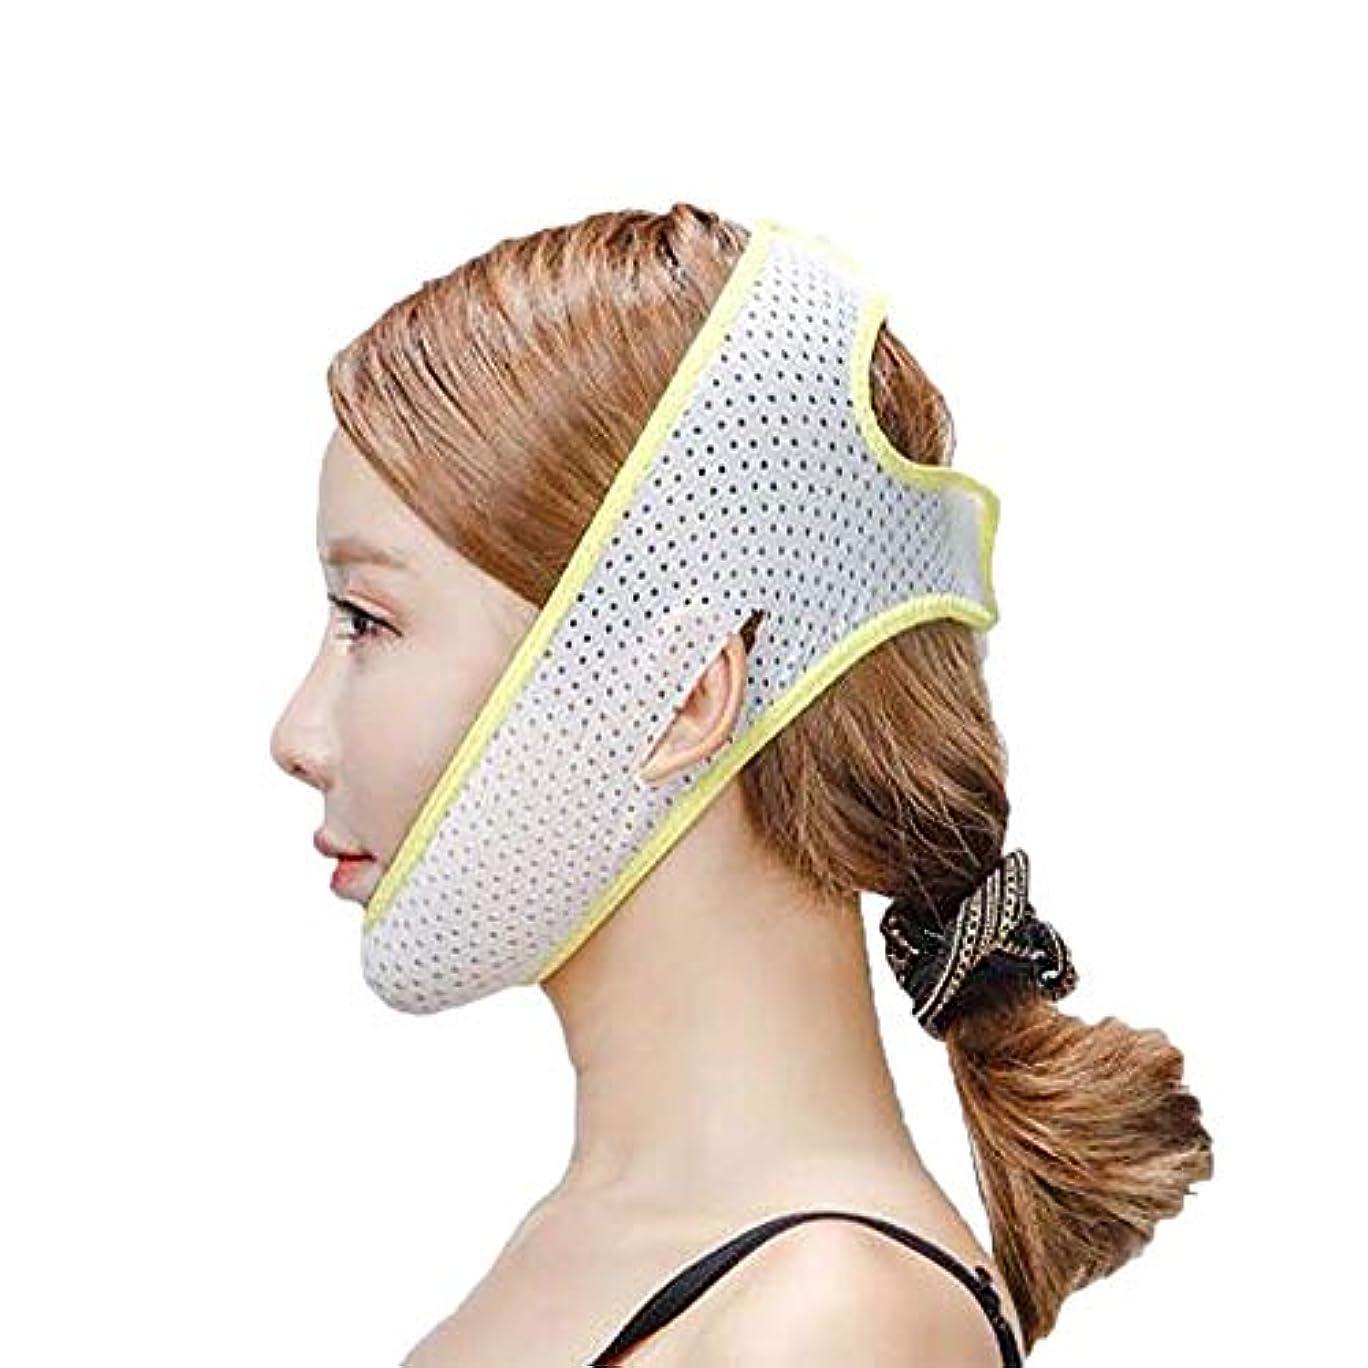 正気分配します適用するフェイスリフトマスク、ダブルチンストラップ、フェイシャル減量マスク、フェイシャルダブルチンケアスリミングマスク、リンクルマスク(フリーサイズ) (Color : Yellow)